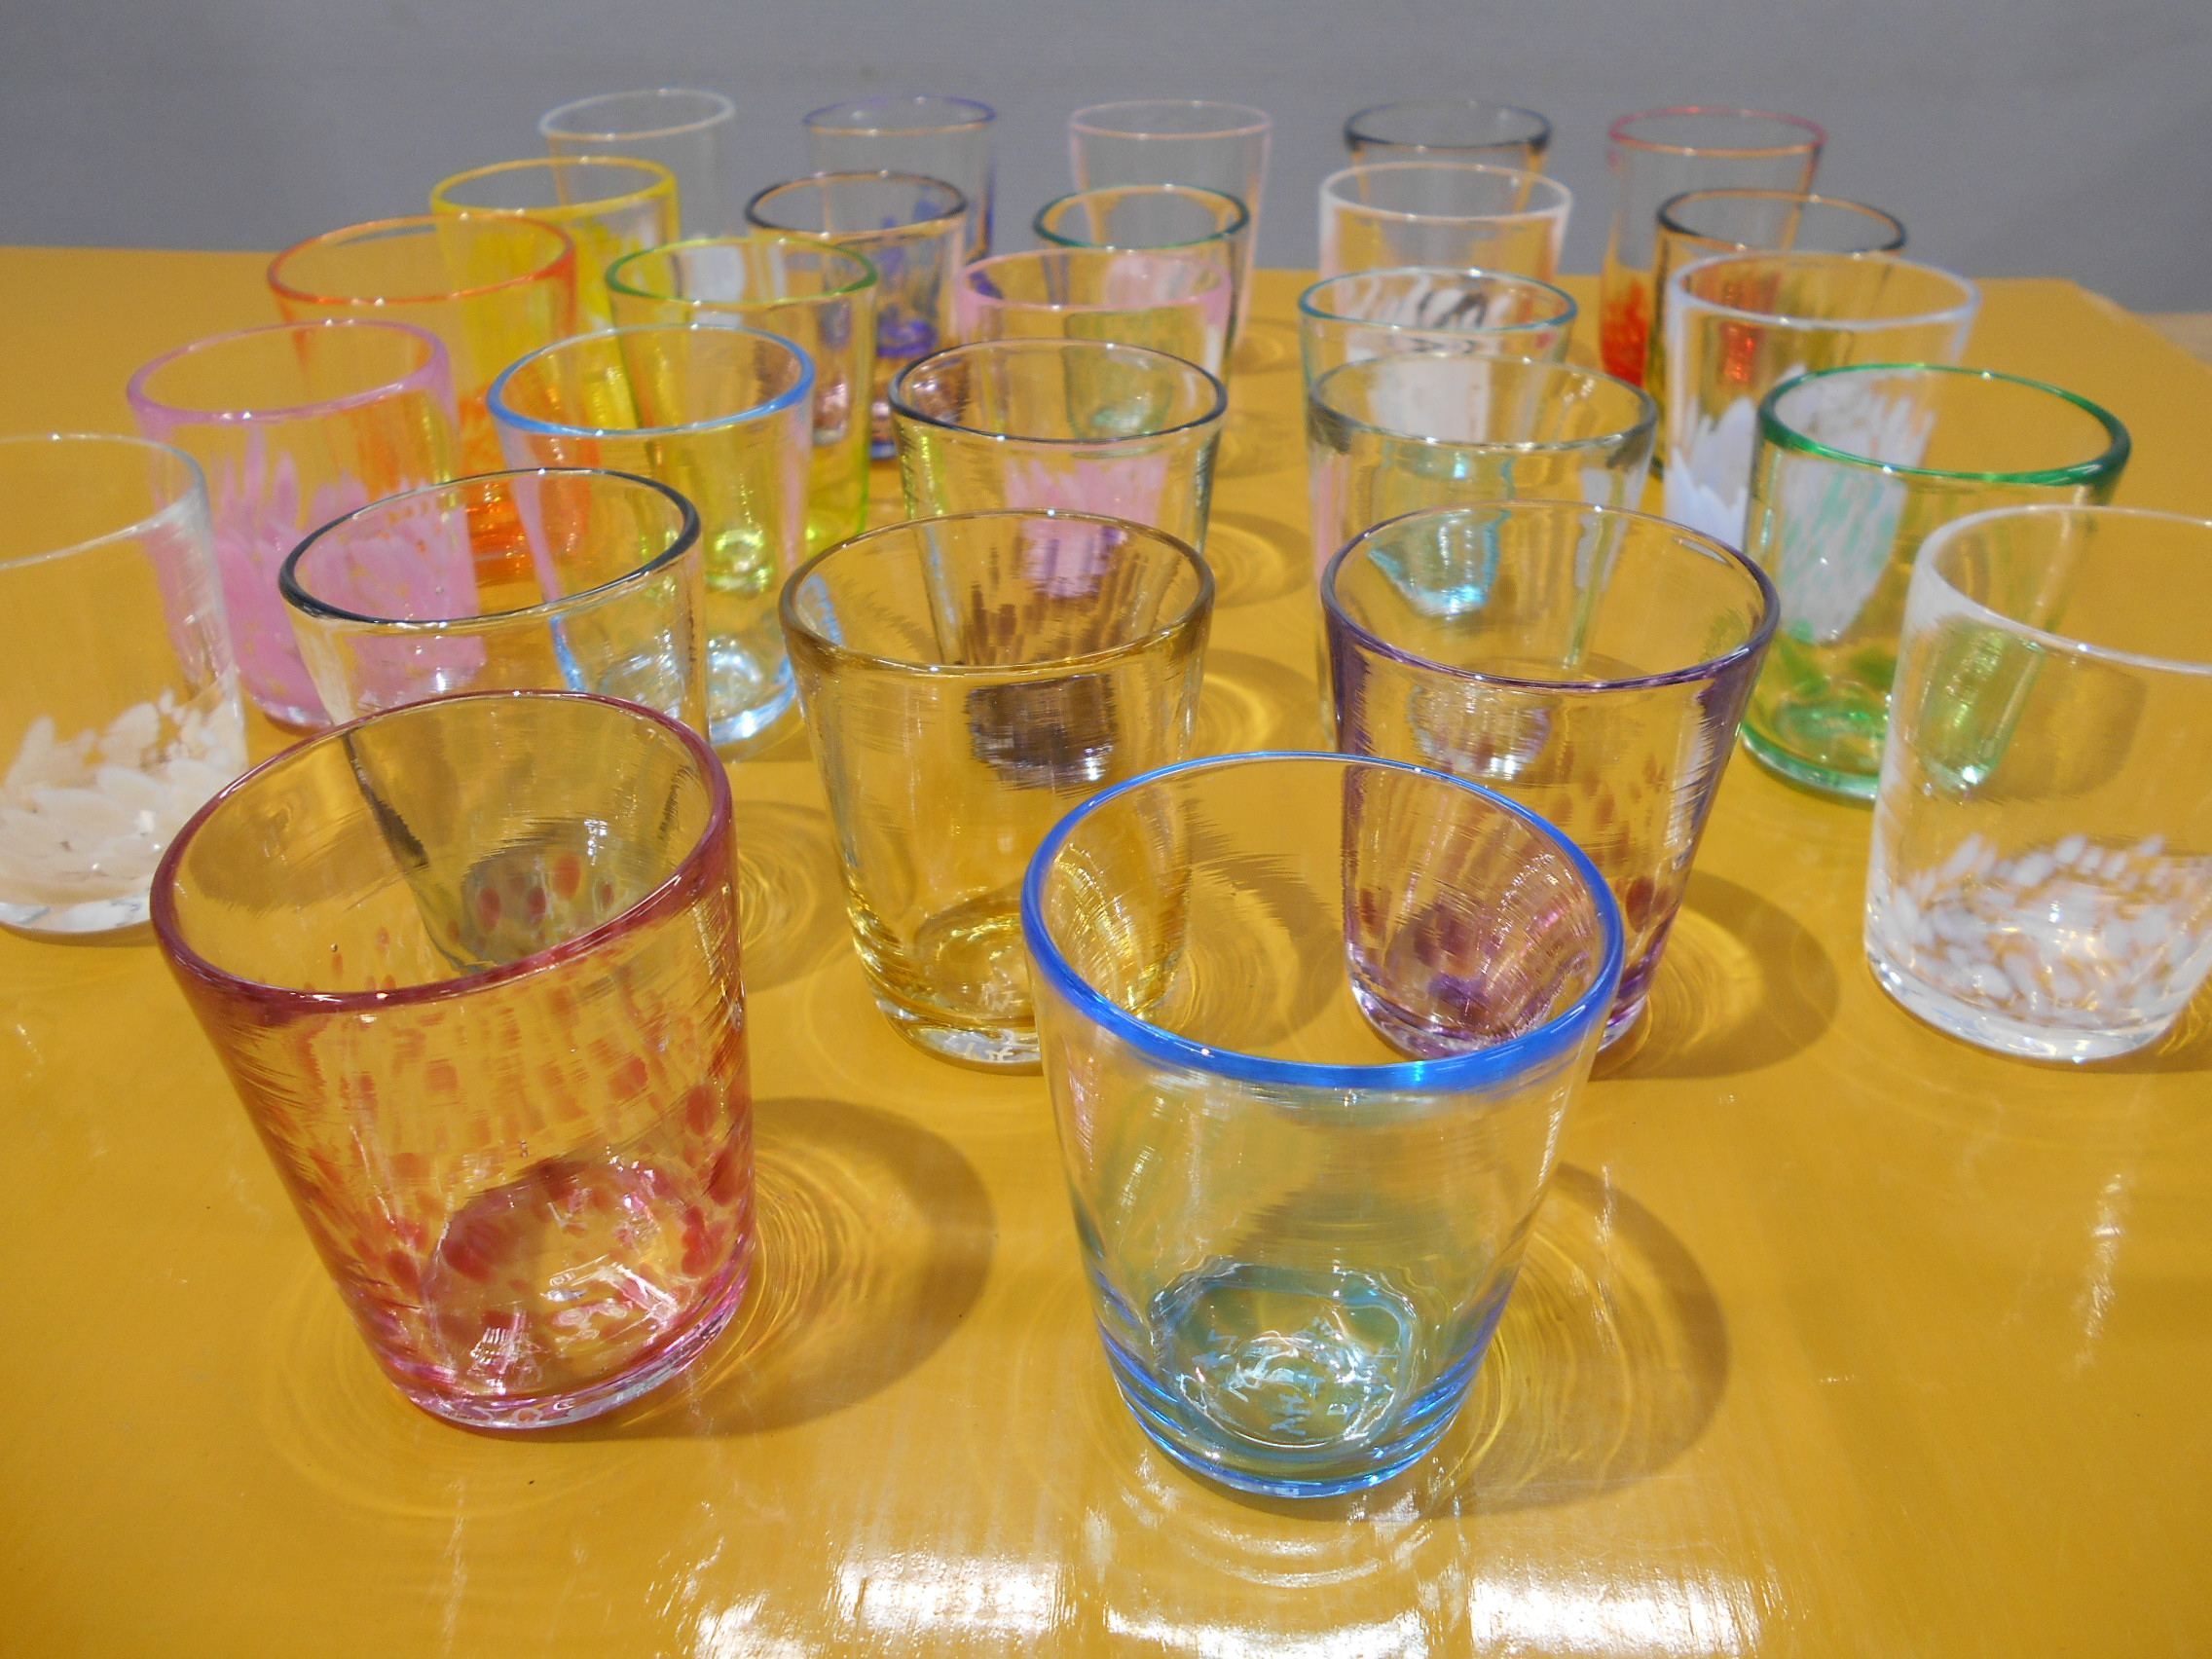 透明ガラスの吹きガラス体験開始します!